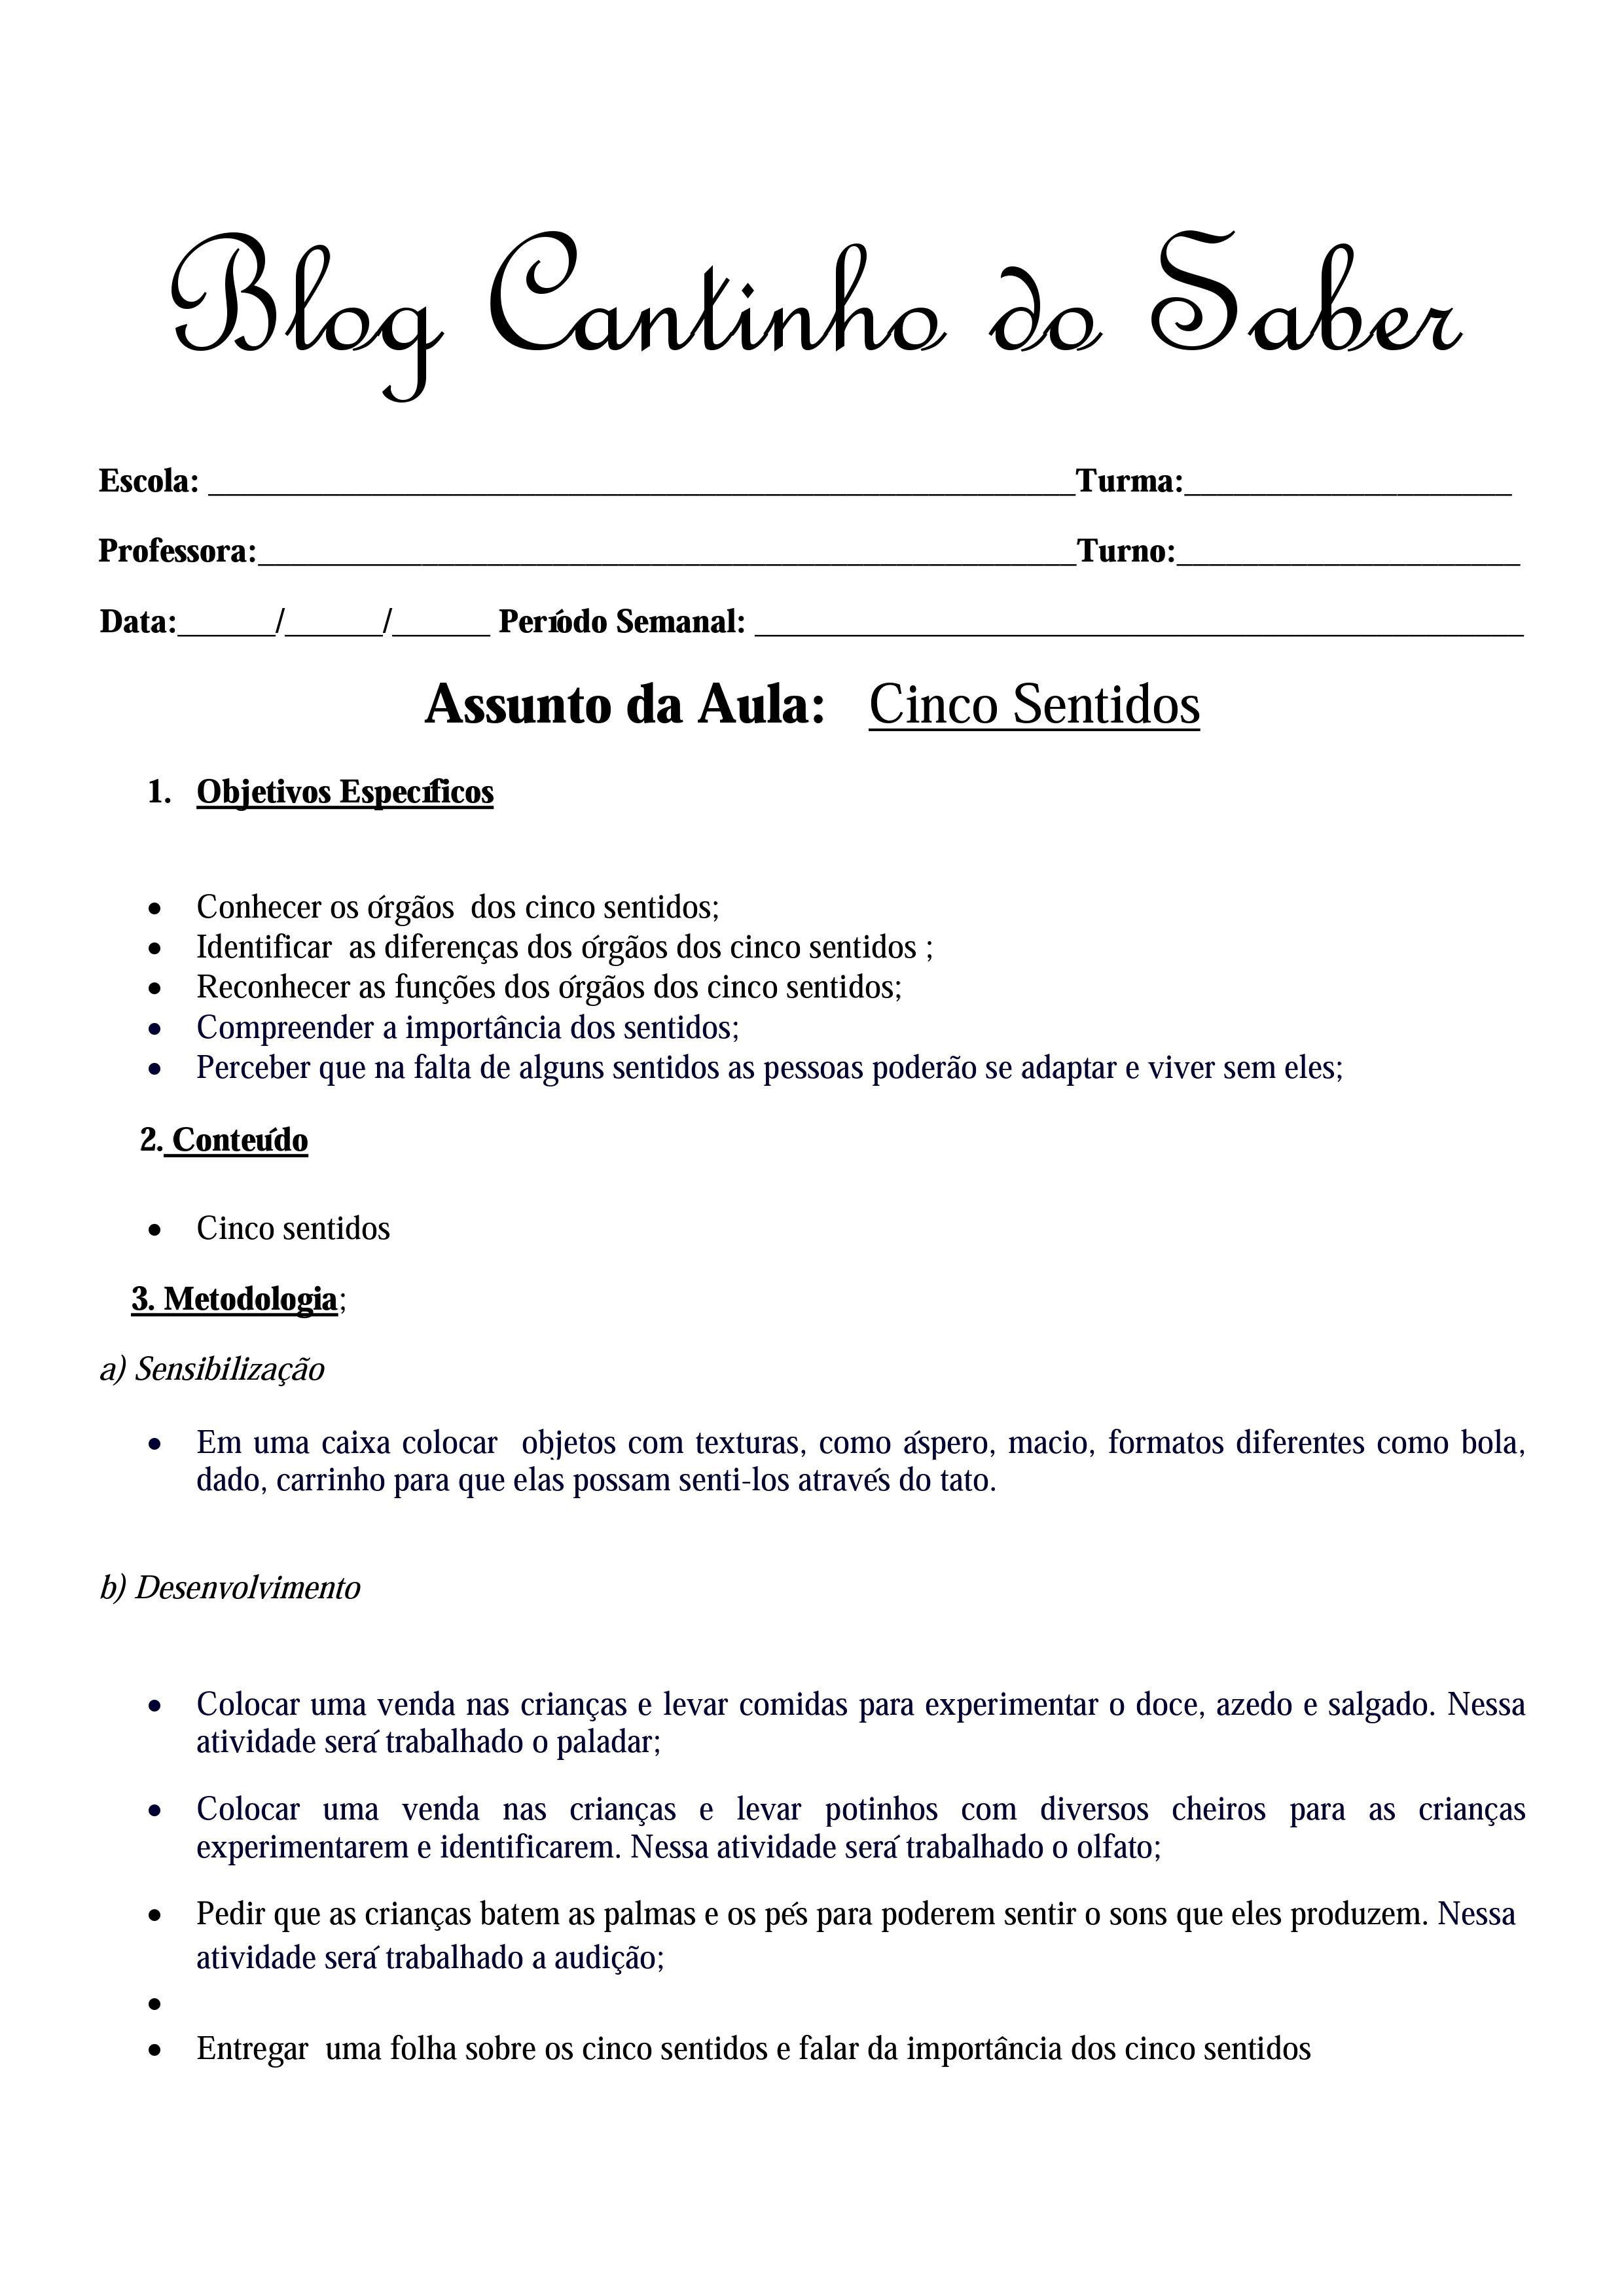 Fabuloso Arquivos Planos de aulas (Diário e Semanal) - Página 3 de 4  YY02